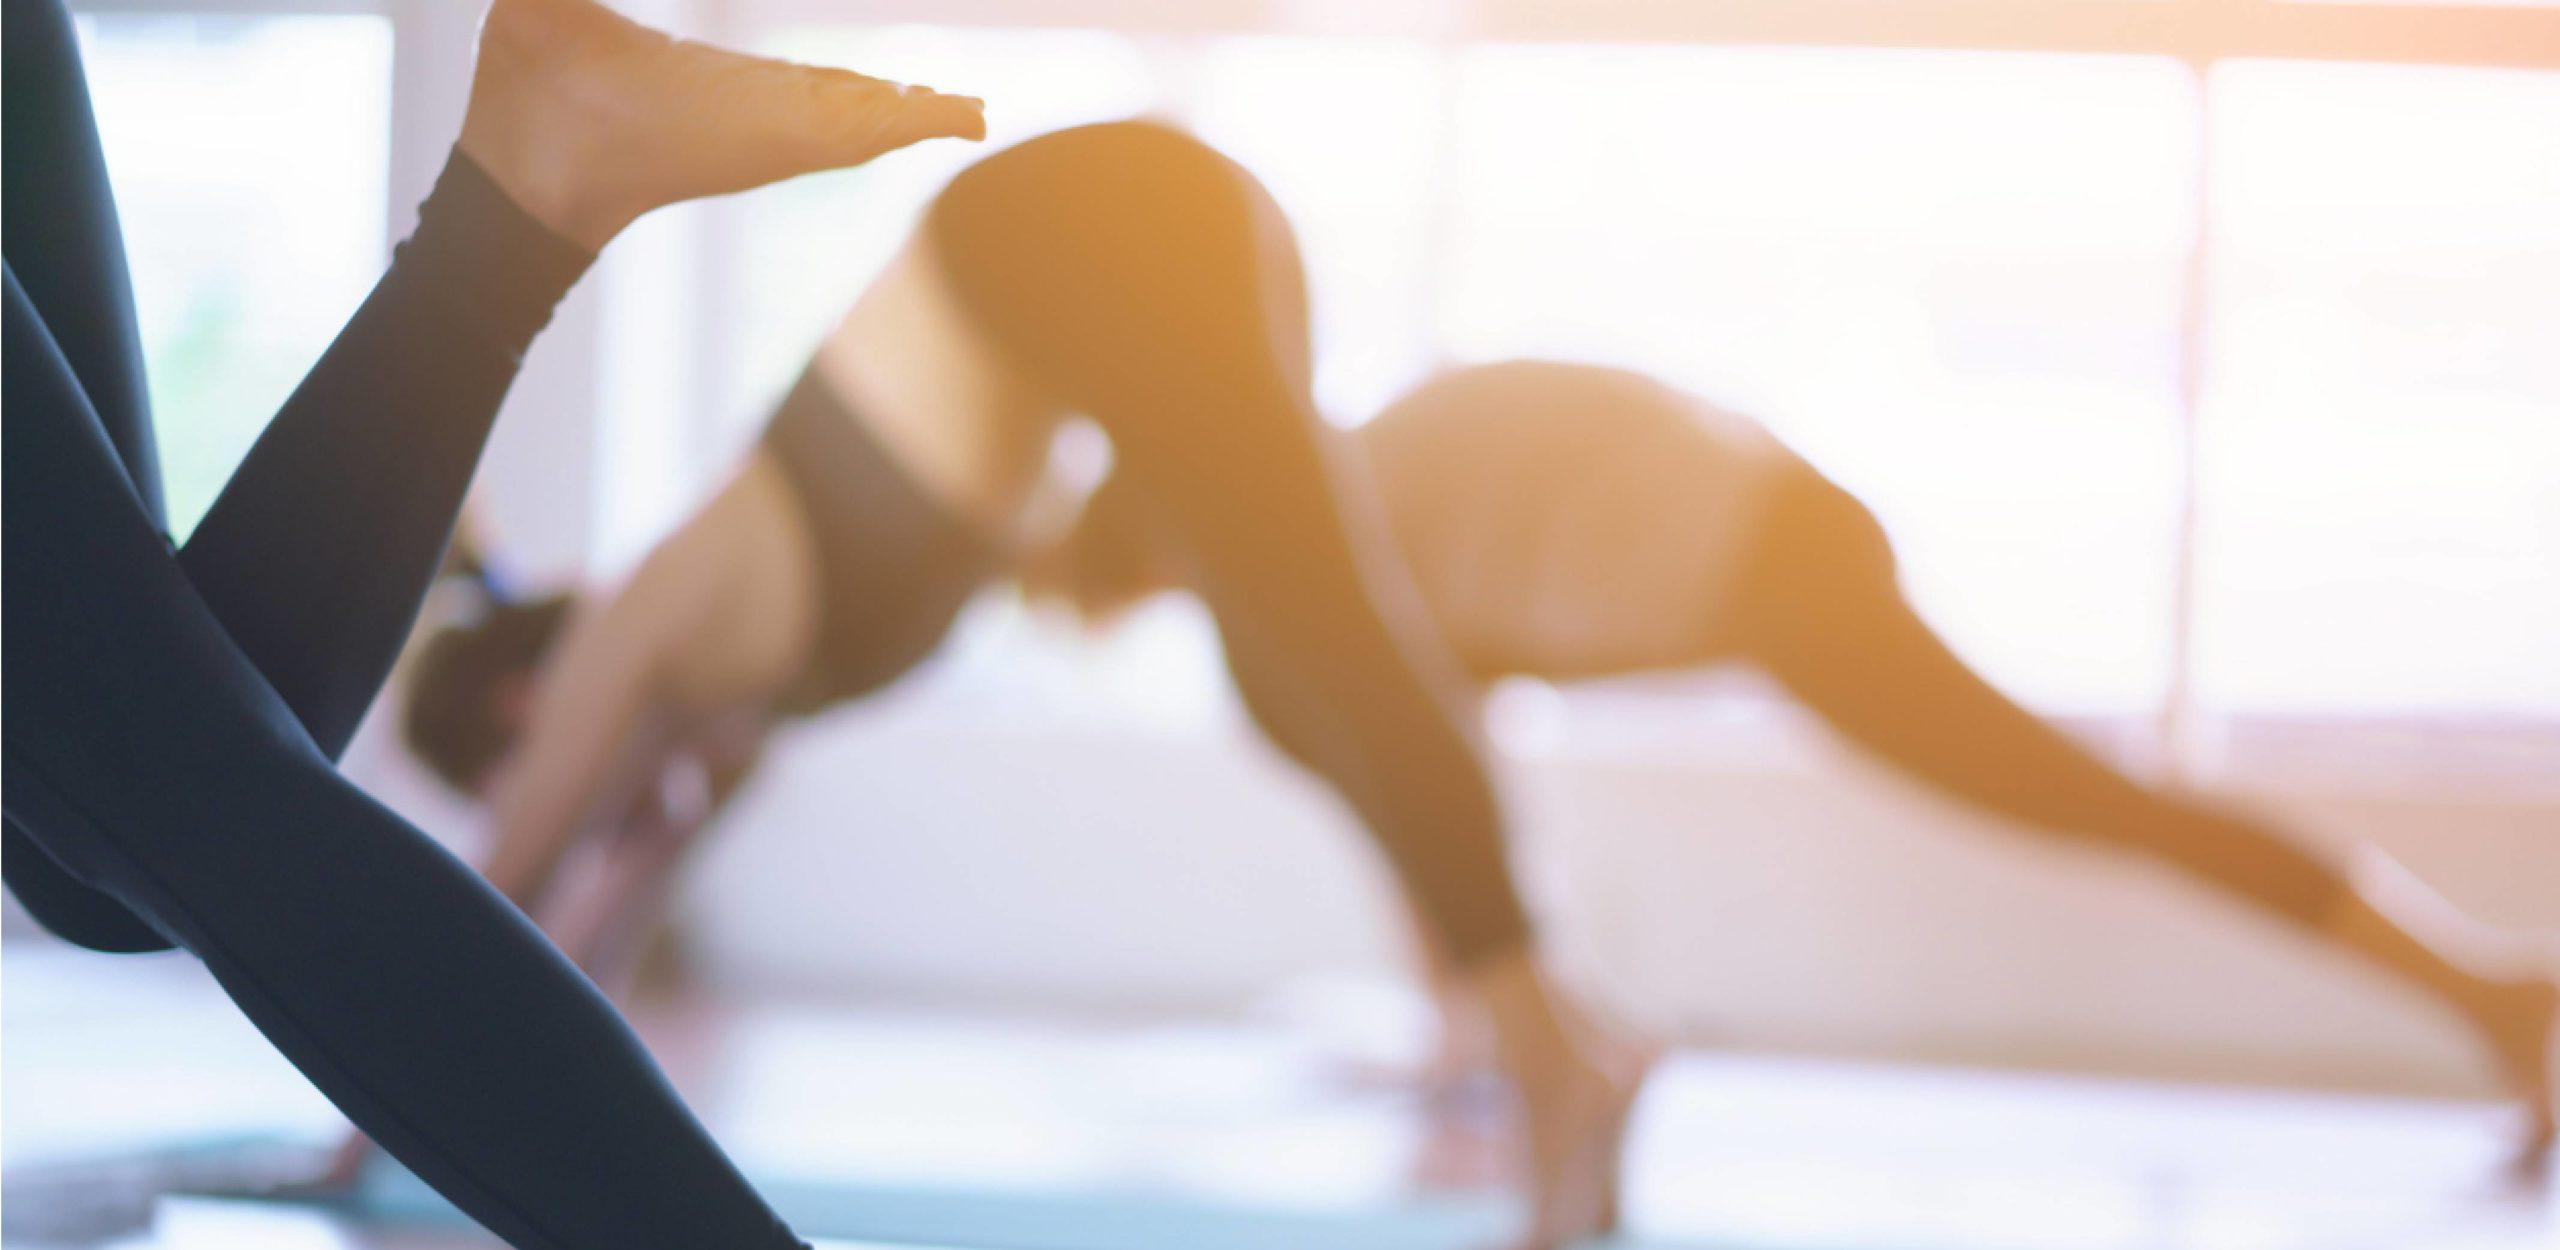 Yoga und Pilates darstellung durch drei Personen in bewegung